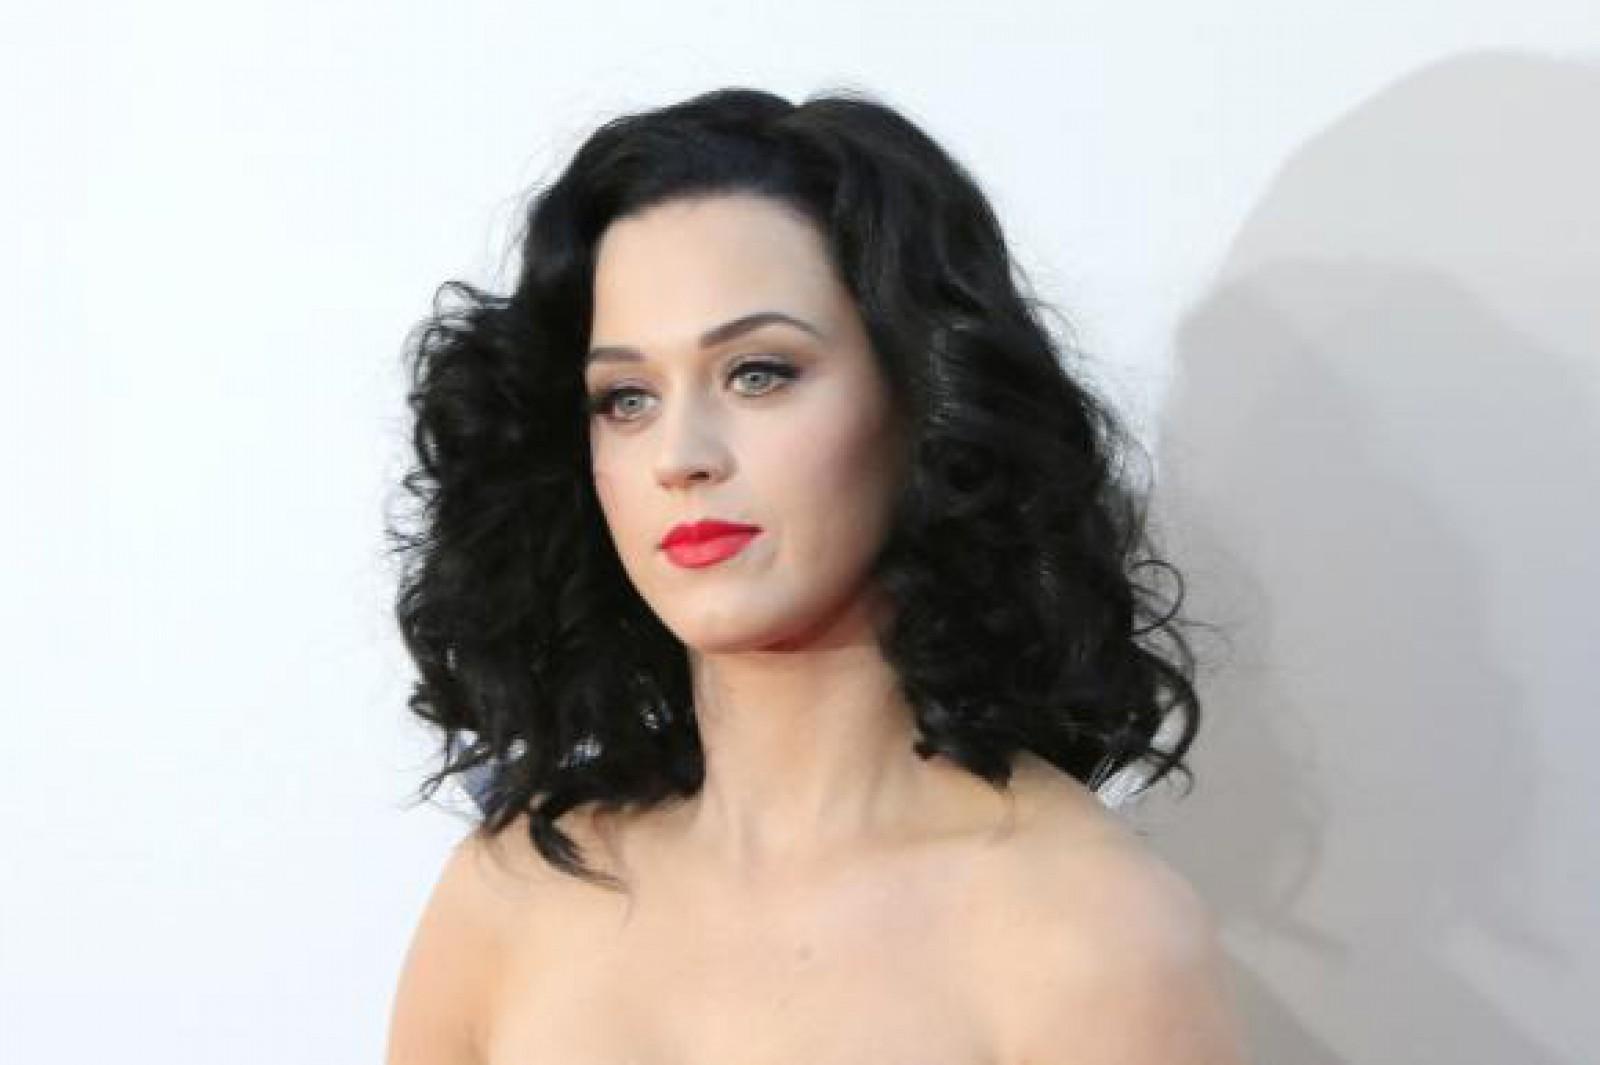 Katy Perry a câştigat 5 milioane de dolari după un proces pentru o mănăstire